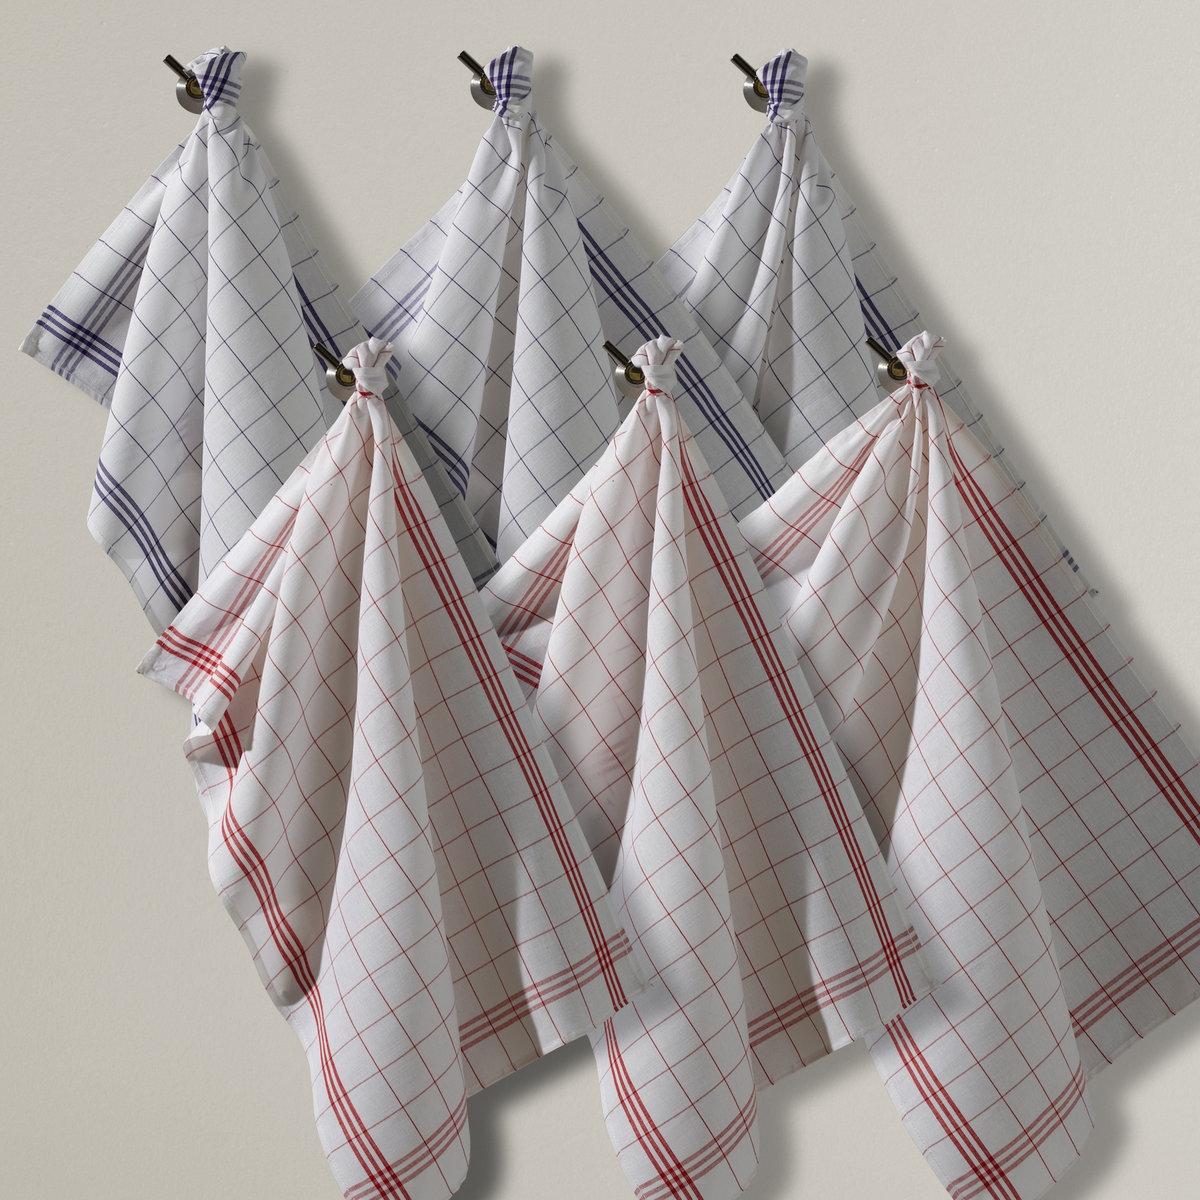 Комплект из 6 кухонных полотенец из смесовой ткани из льна и хлопка COLAS полотенца кухонные la pastel комплект кухонных полотенец gabel 6пр 50x70 primizie